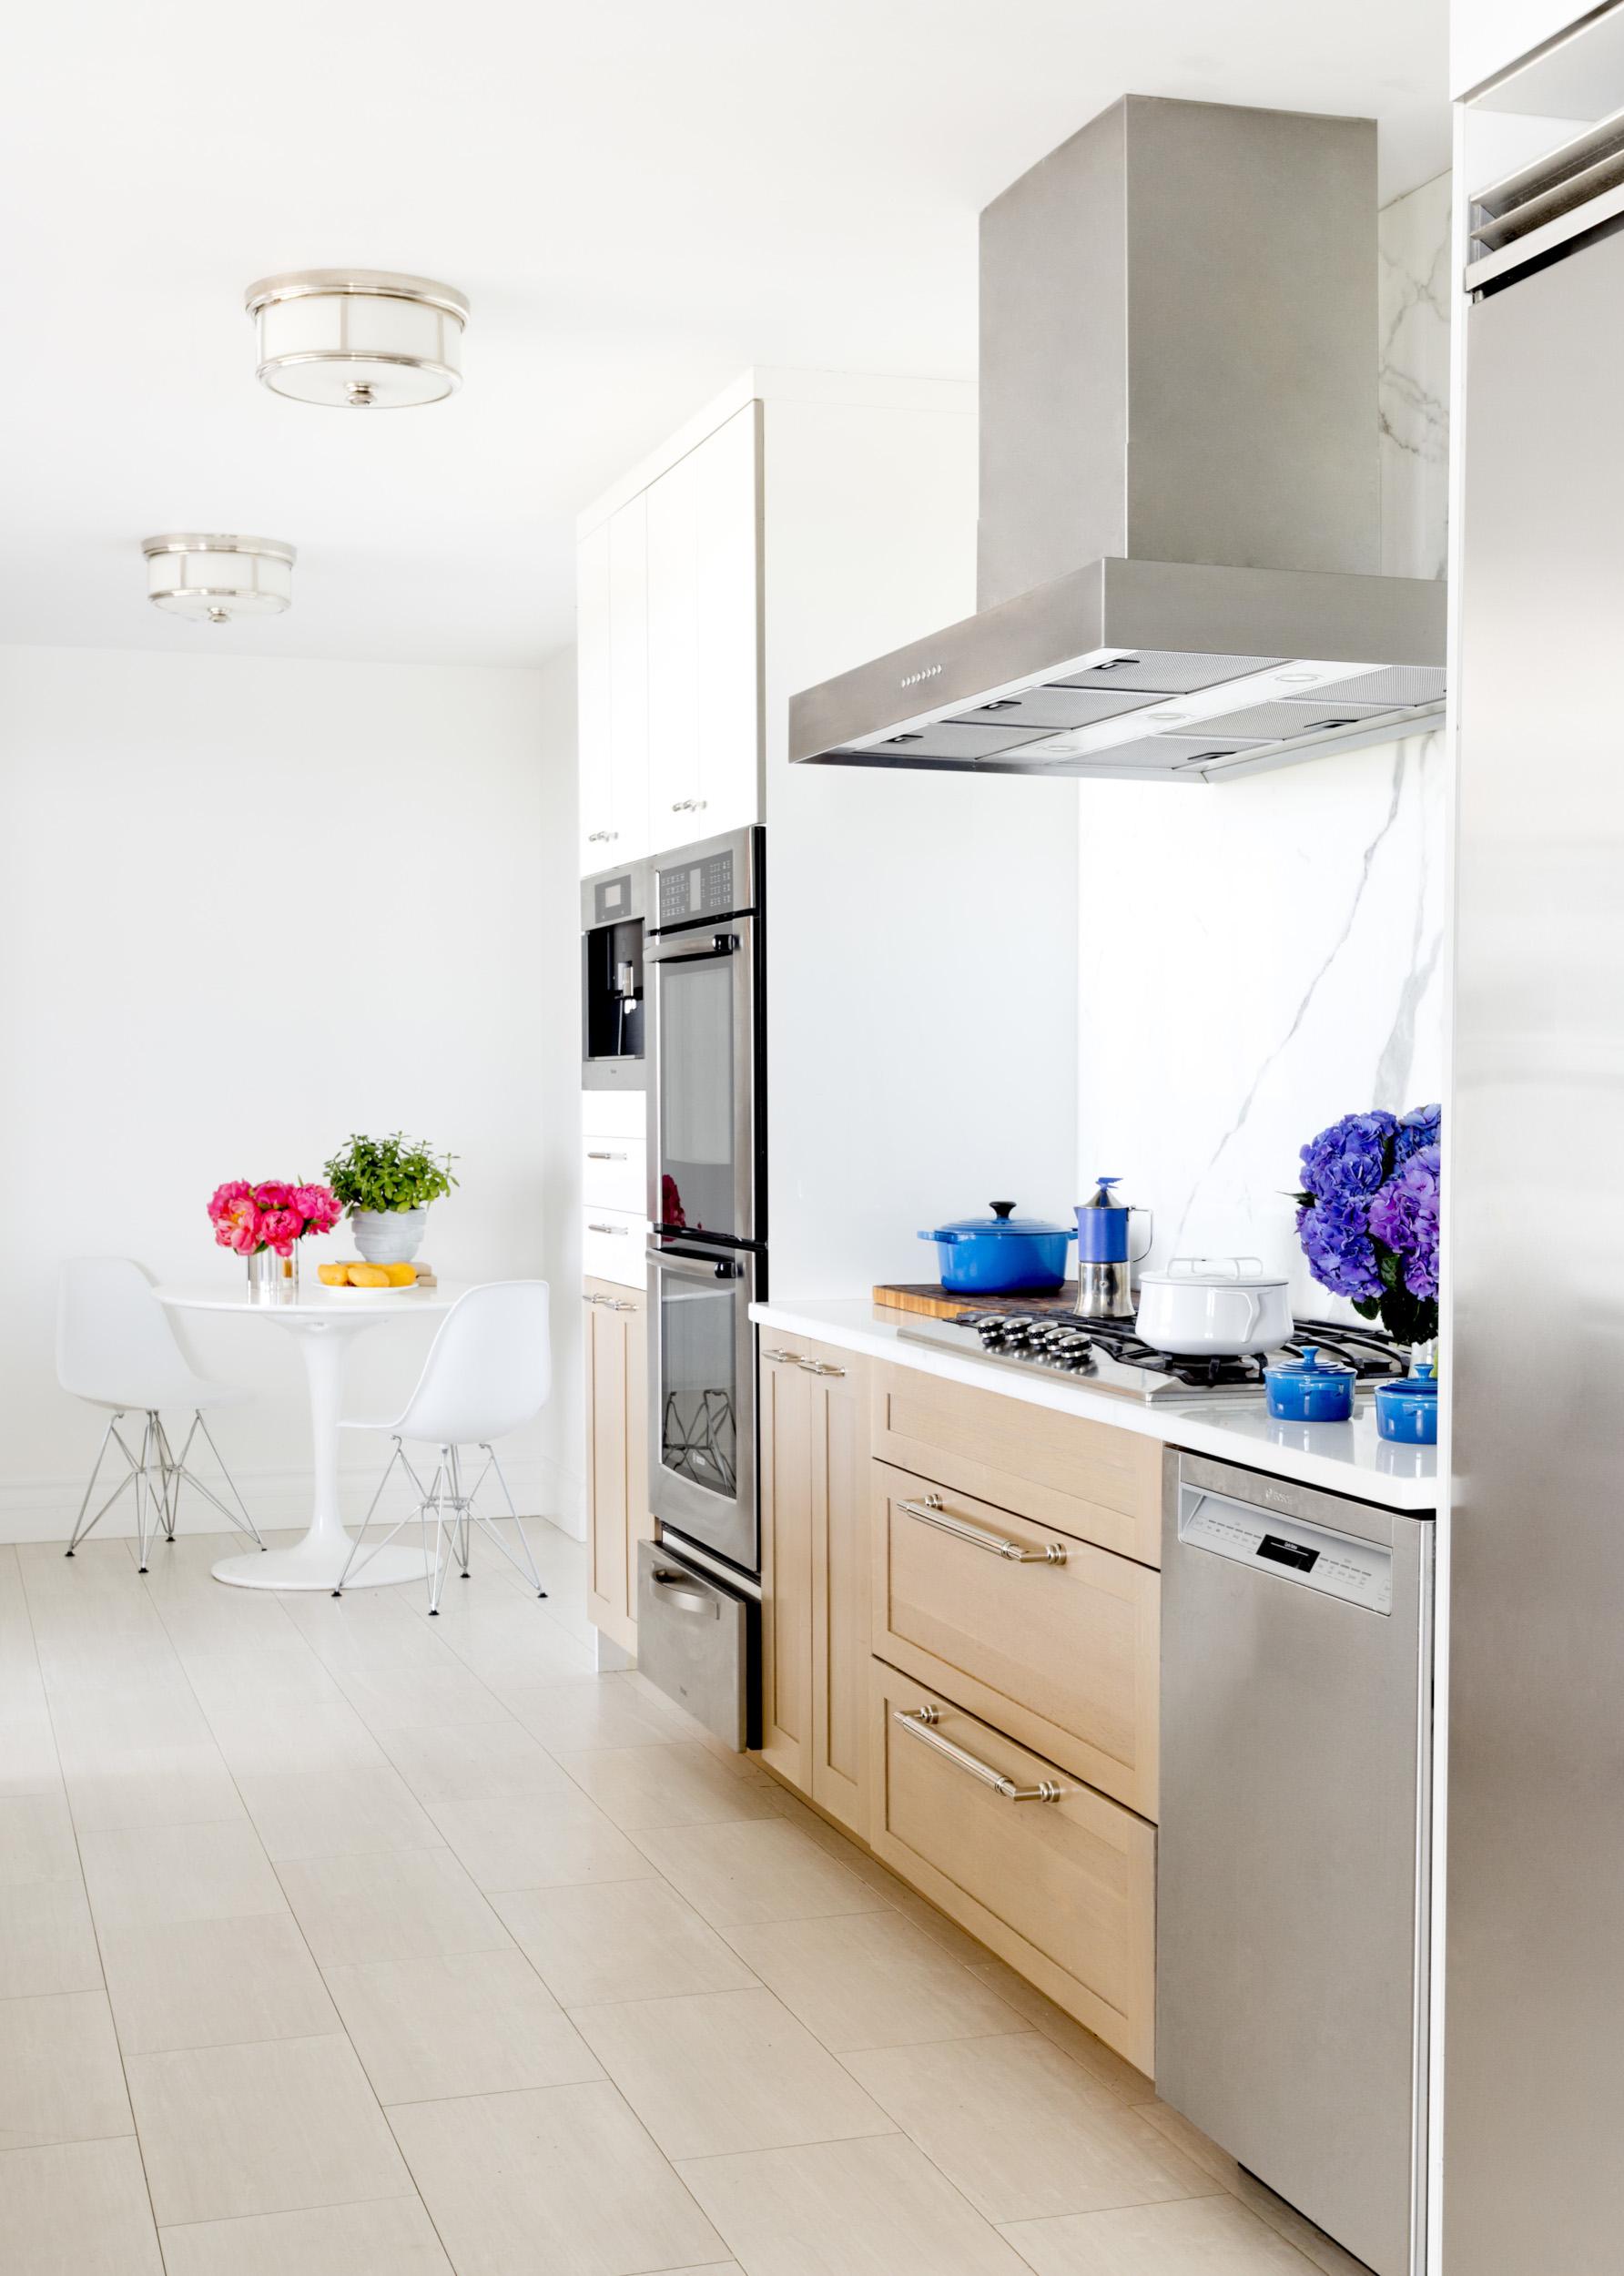 Kitchen Design fairfield CT Caroline Kopp.jpg